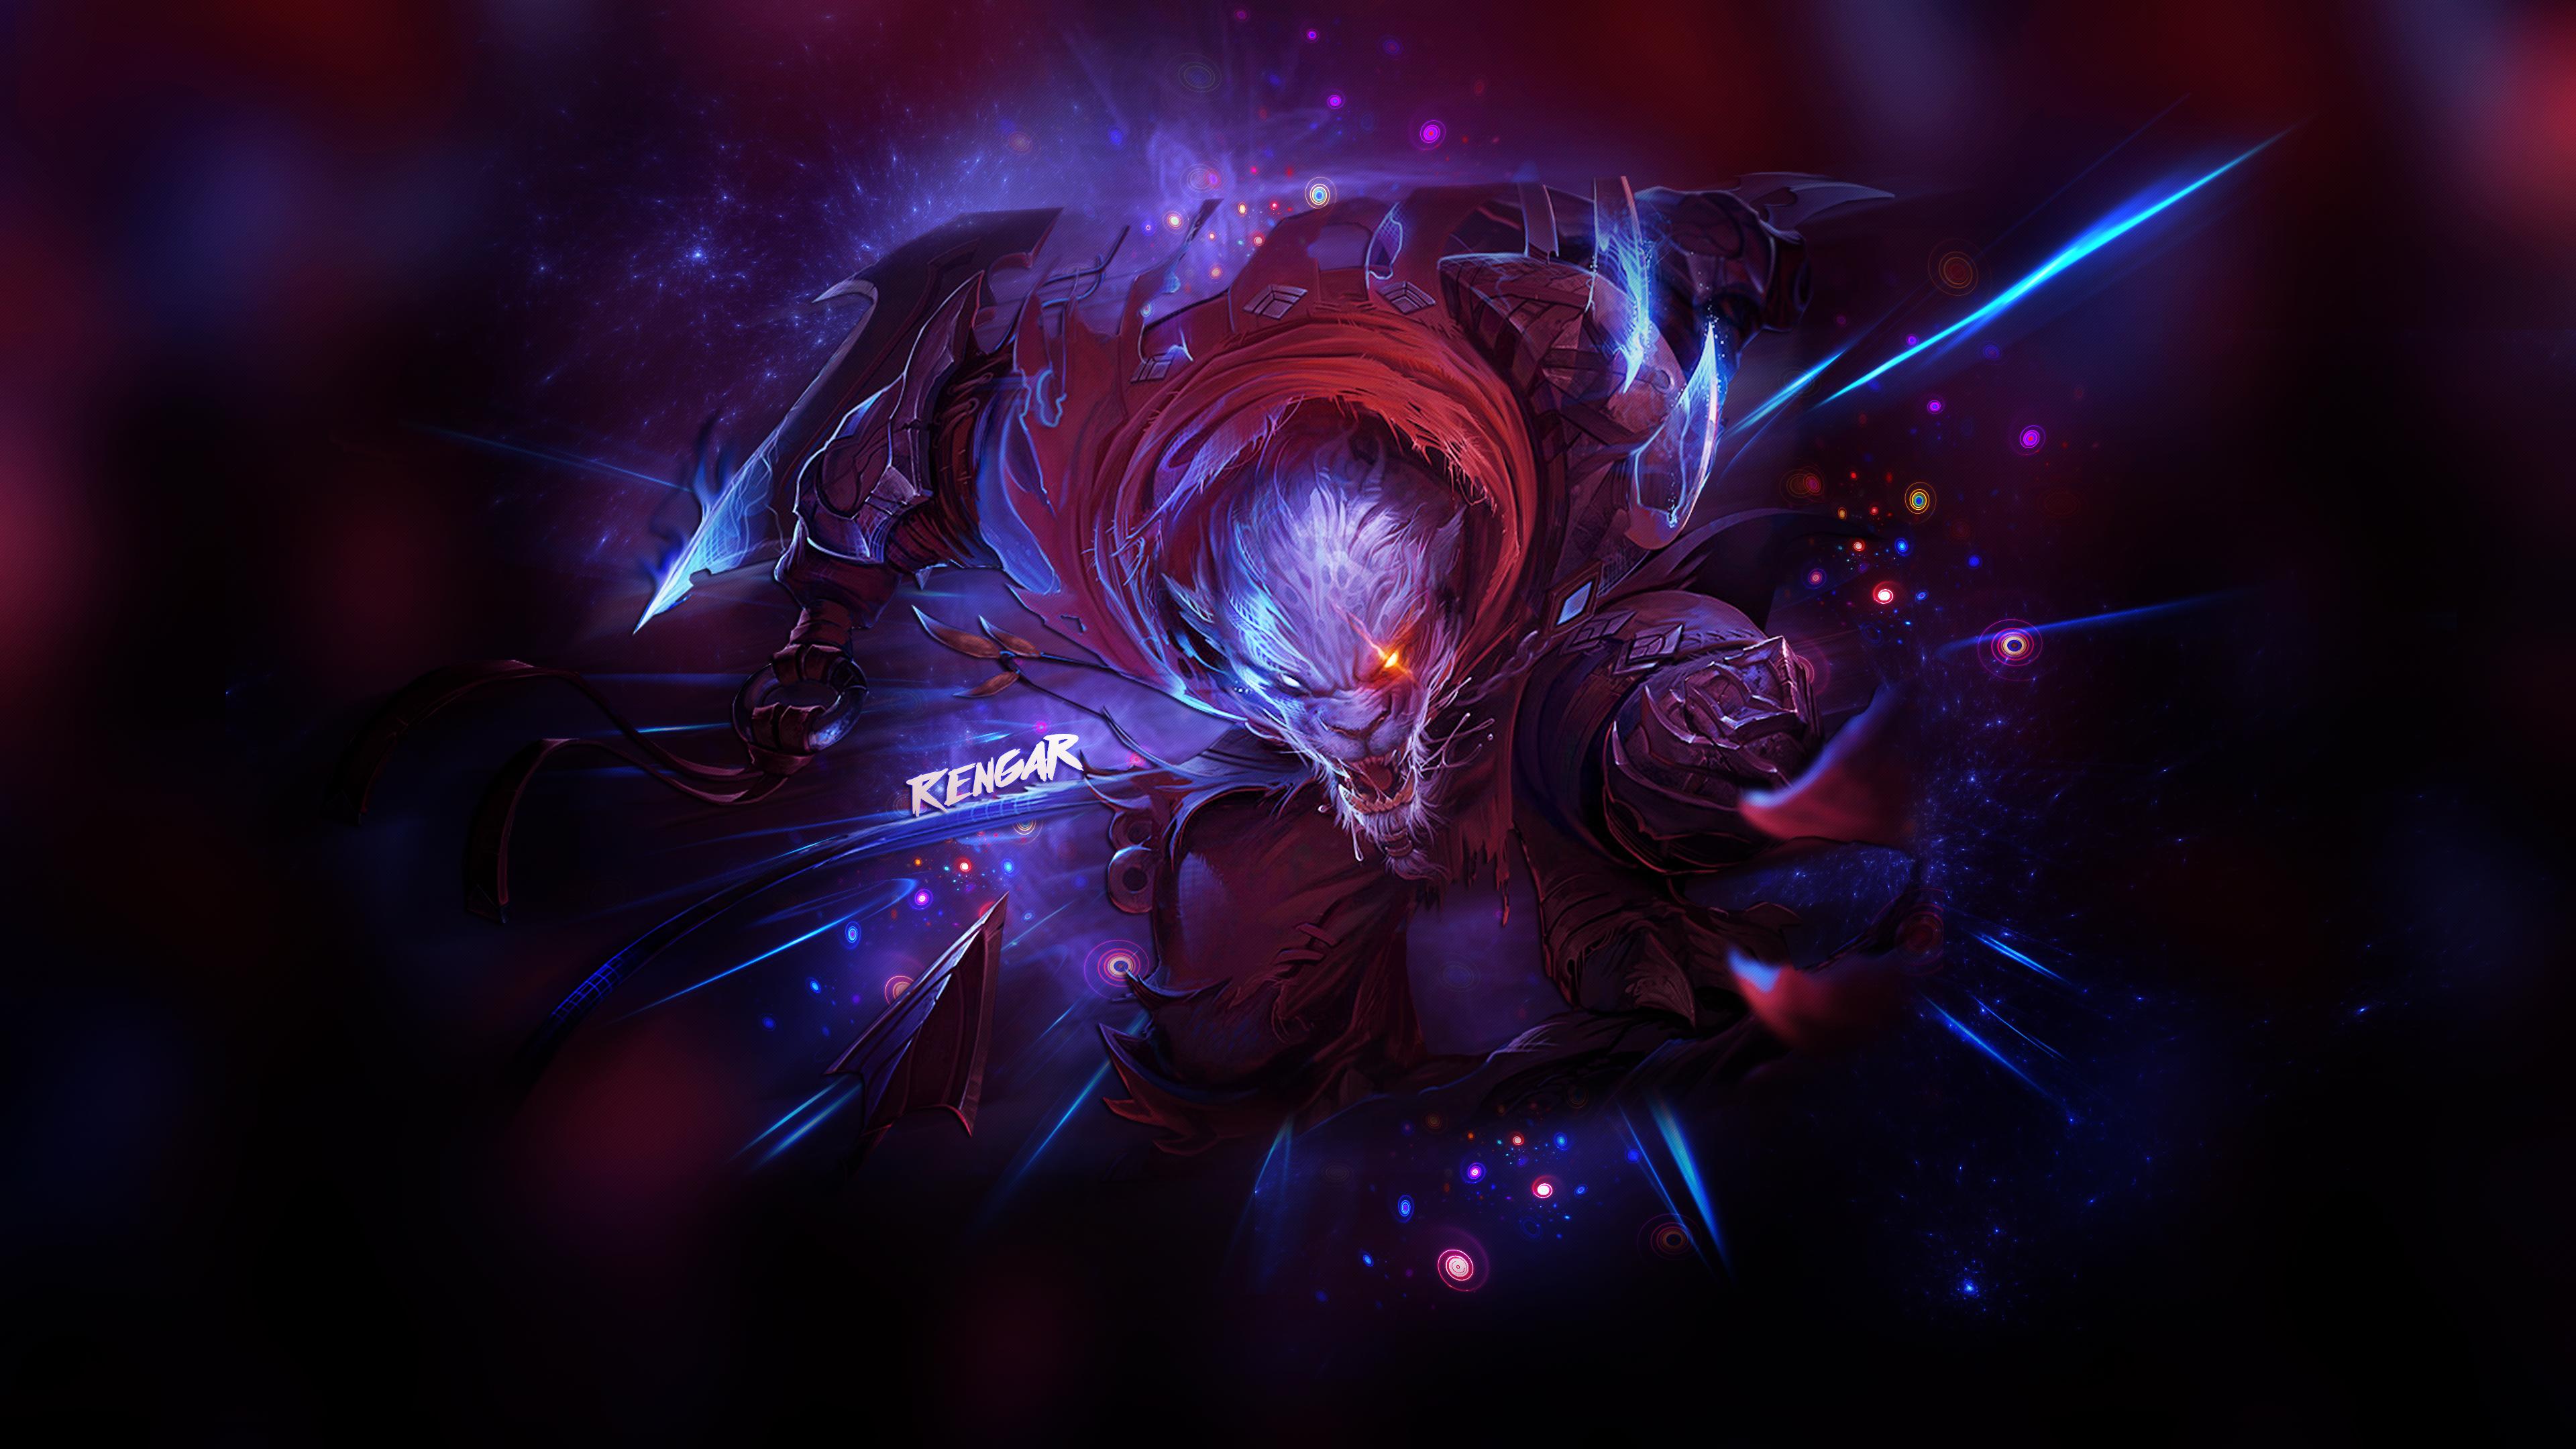 Masaüstü Efsaneler Ligi Rengar League Of Legends 3840x2160